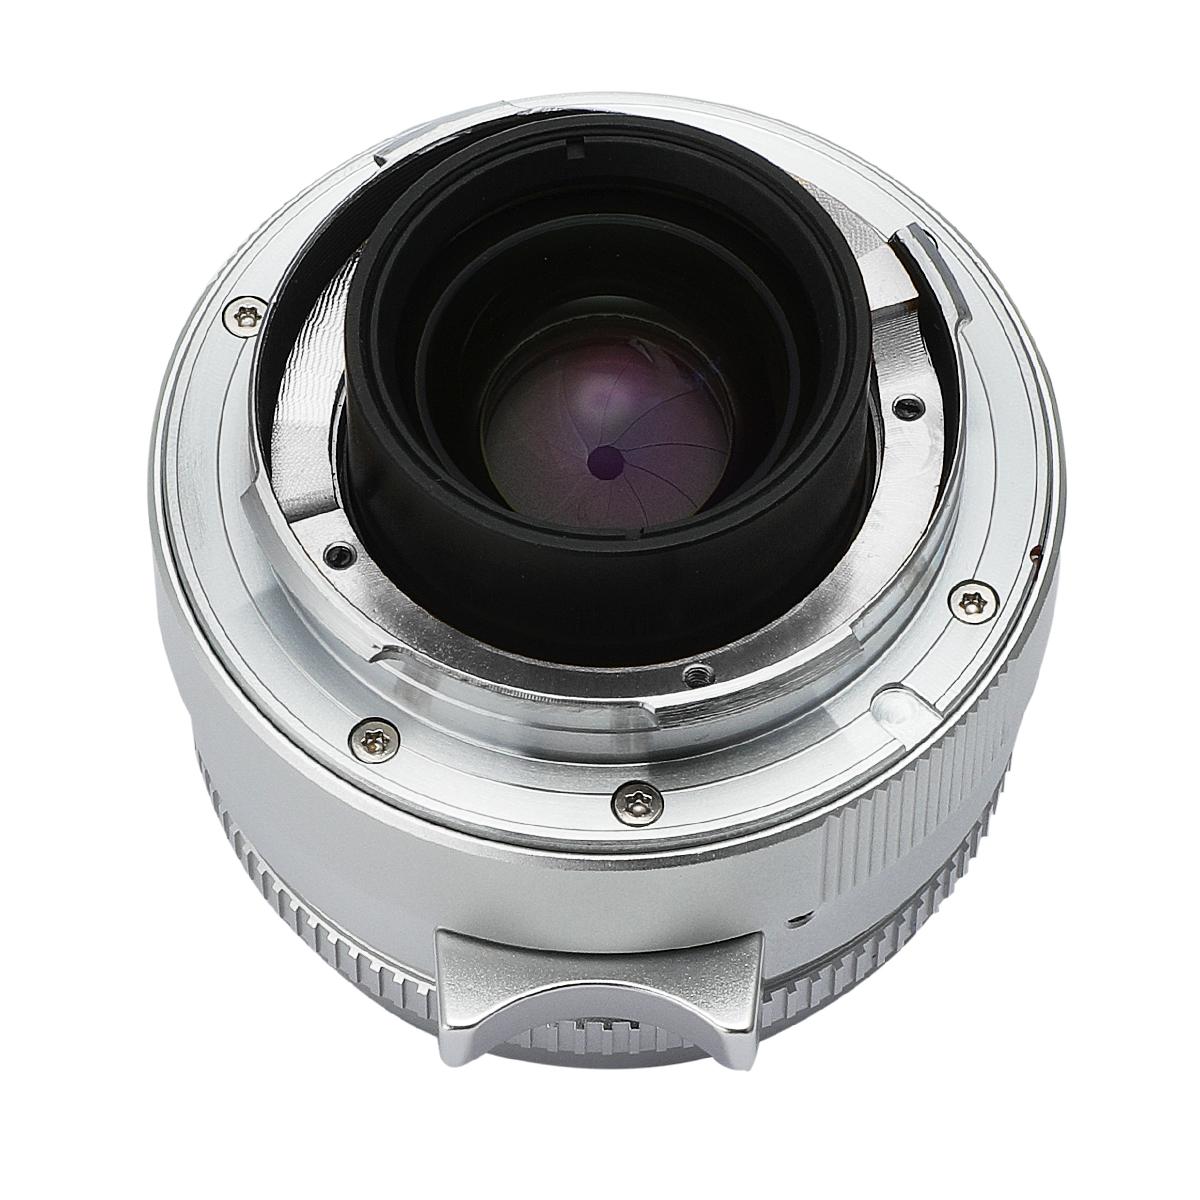 七工匠 7Artisans 35mm F2 シルバー 単焦点レンズ ライカMマウント